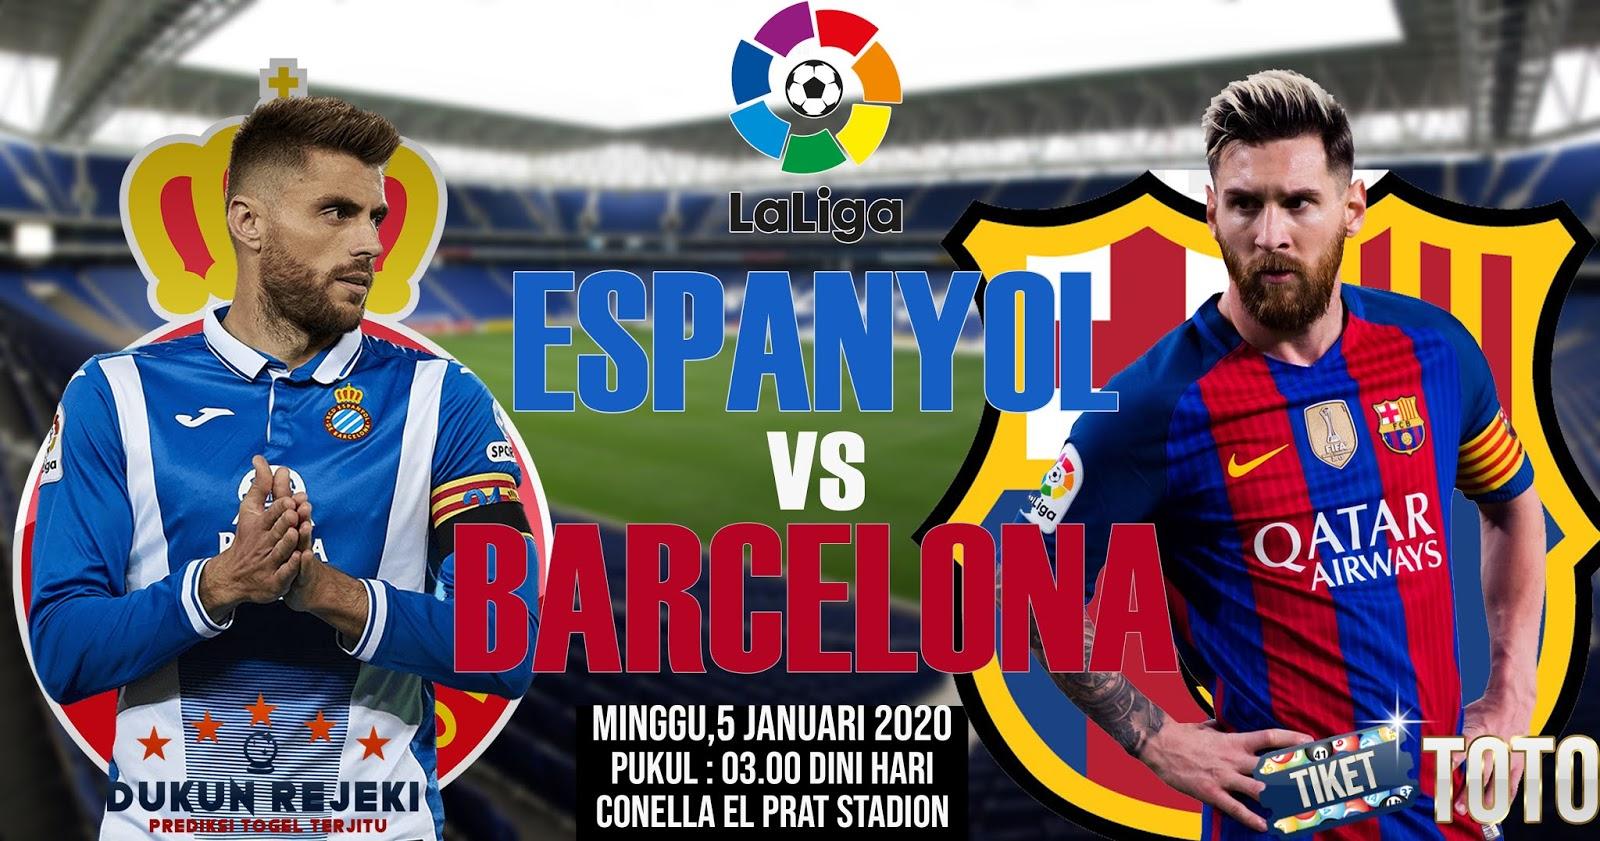 Prediksi Espanyol vs Barcelona 05 Januari 2020